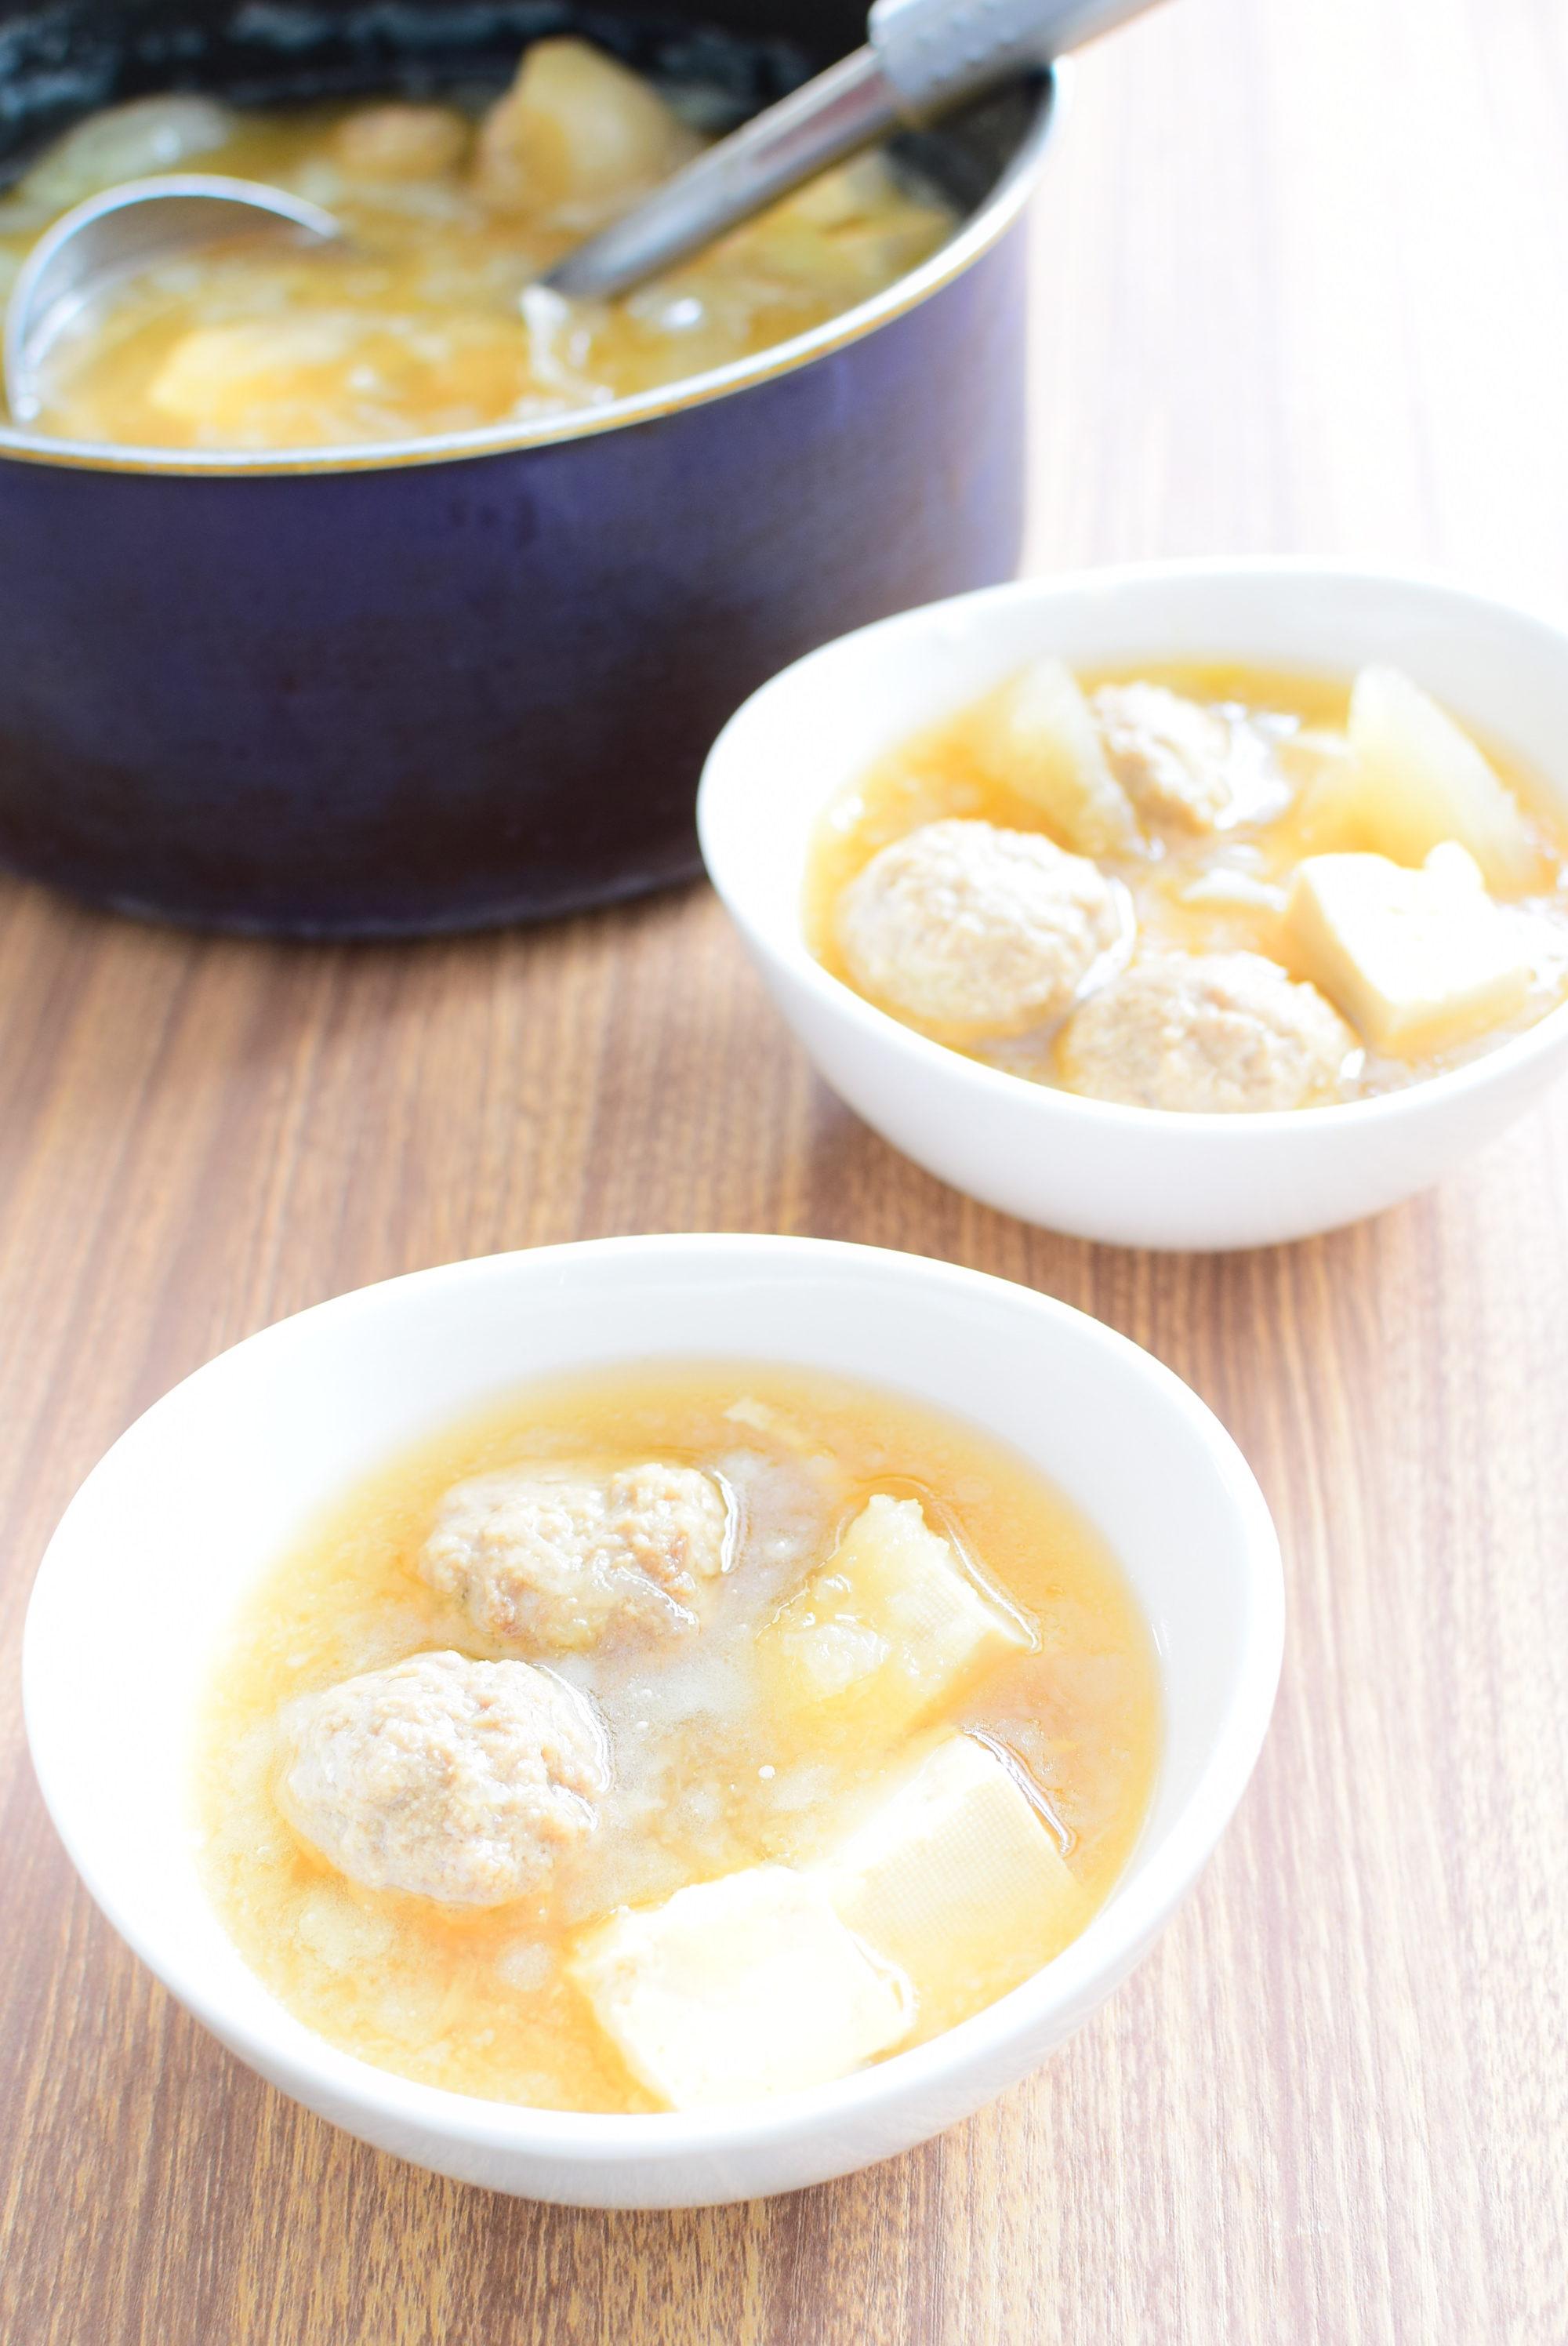 肉団子の大根おろし入りしょうゆスープのレシピ